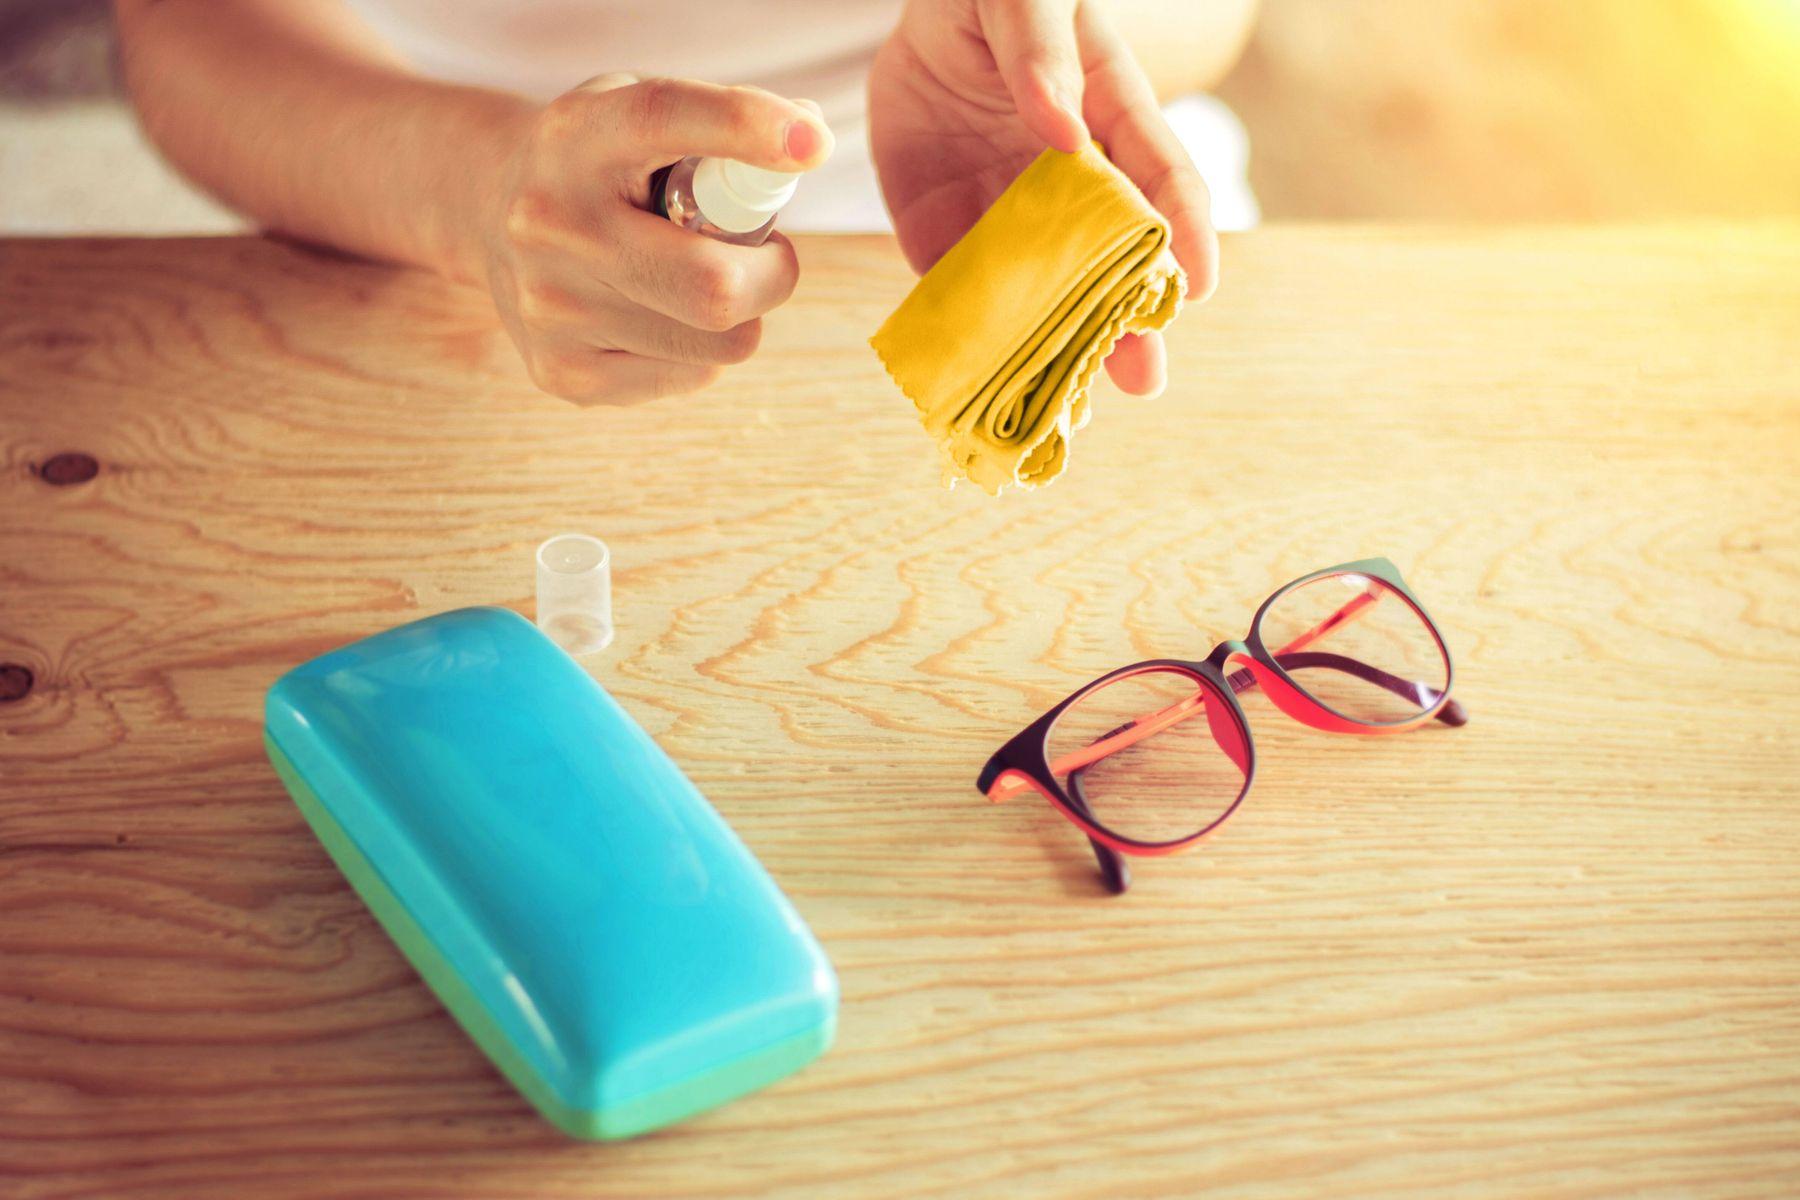 Pessoa borrifando produto em flanela para limpar óculos